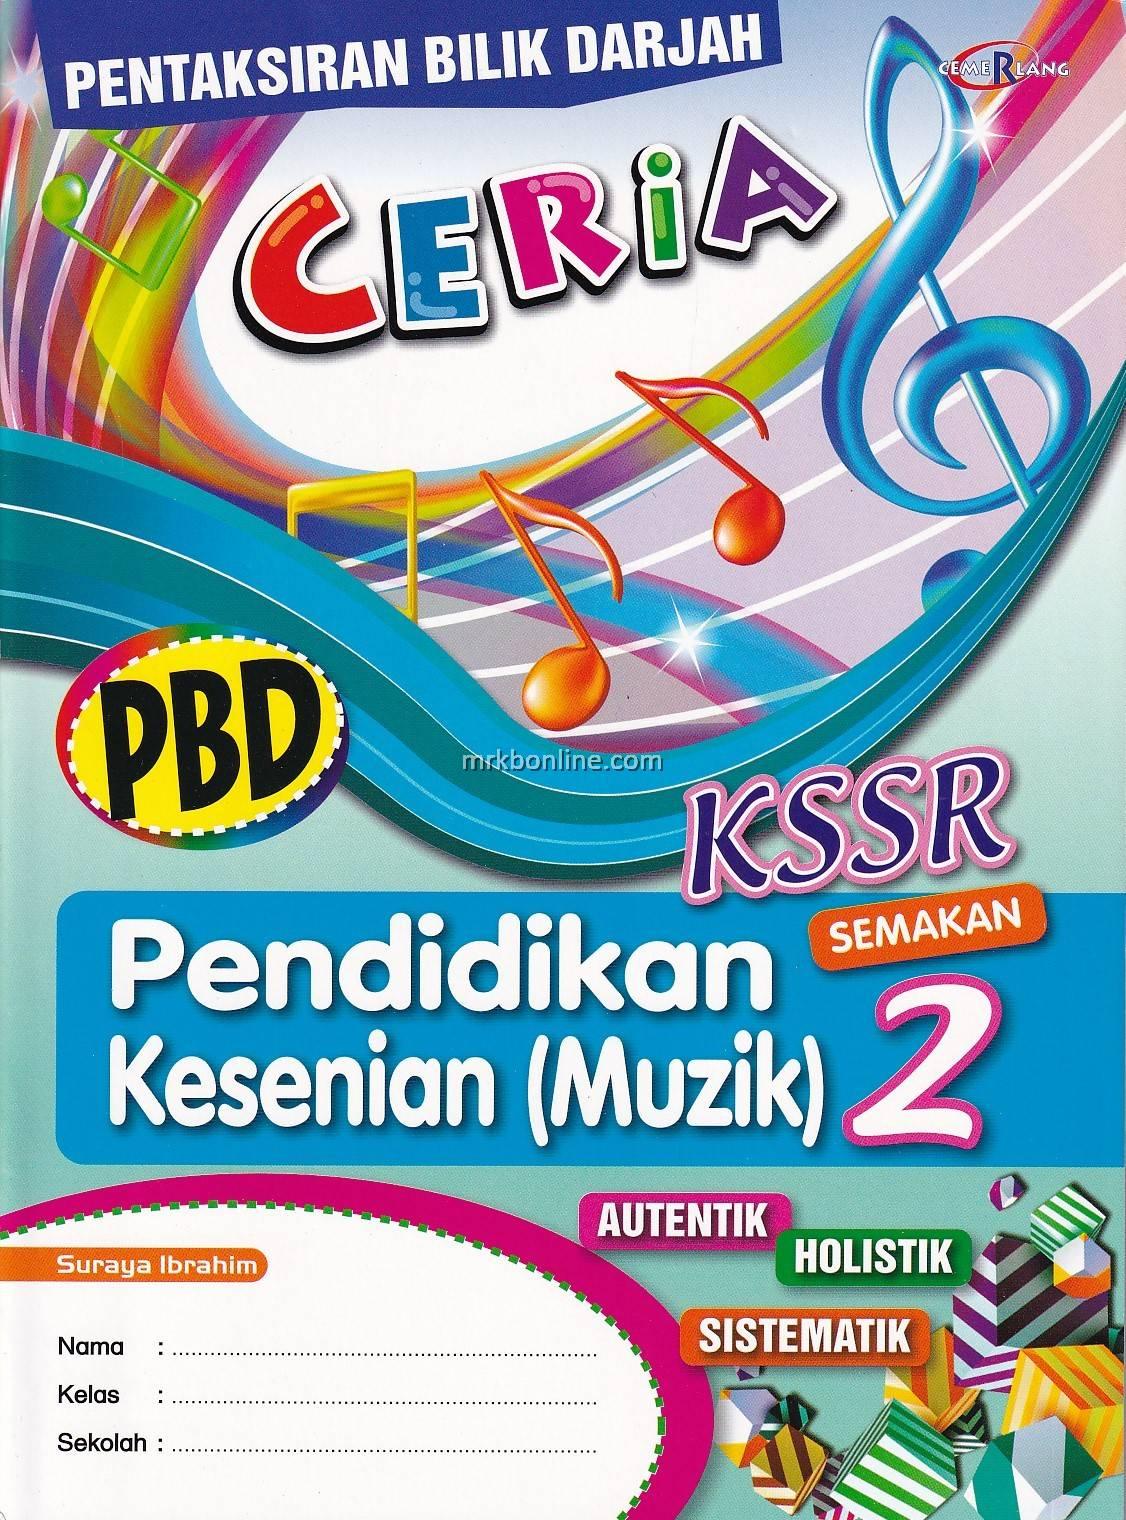 Pbd Ceria Pendidikan Kesenian Muzik Semakan Kssr Tahun 2